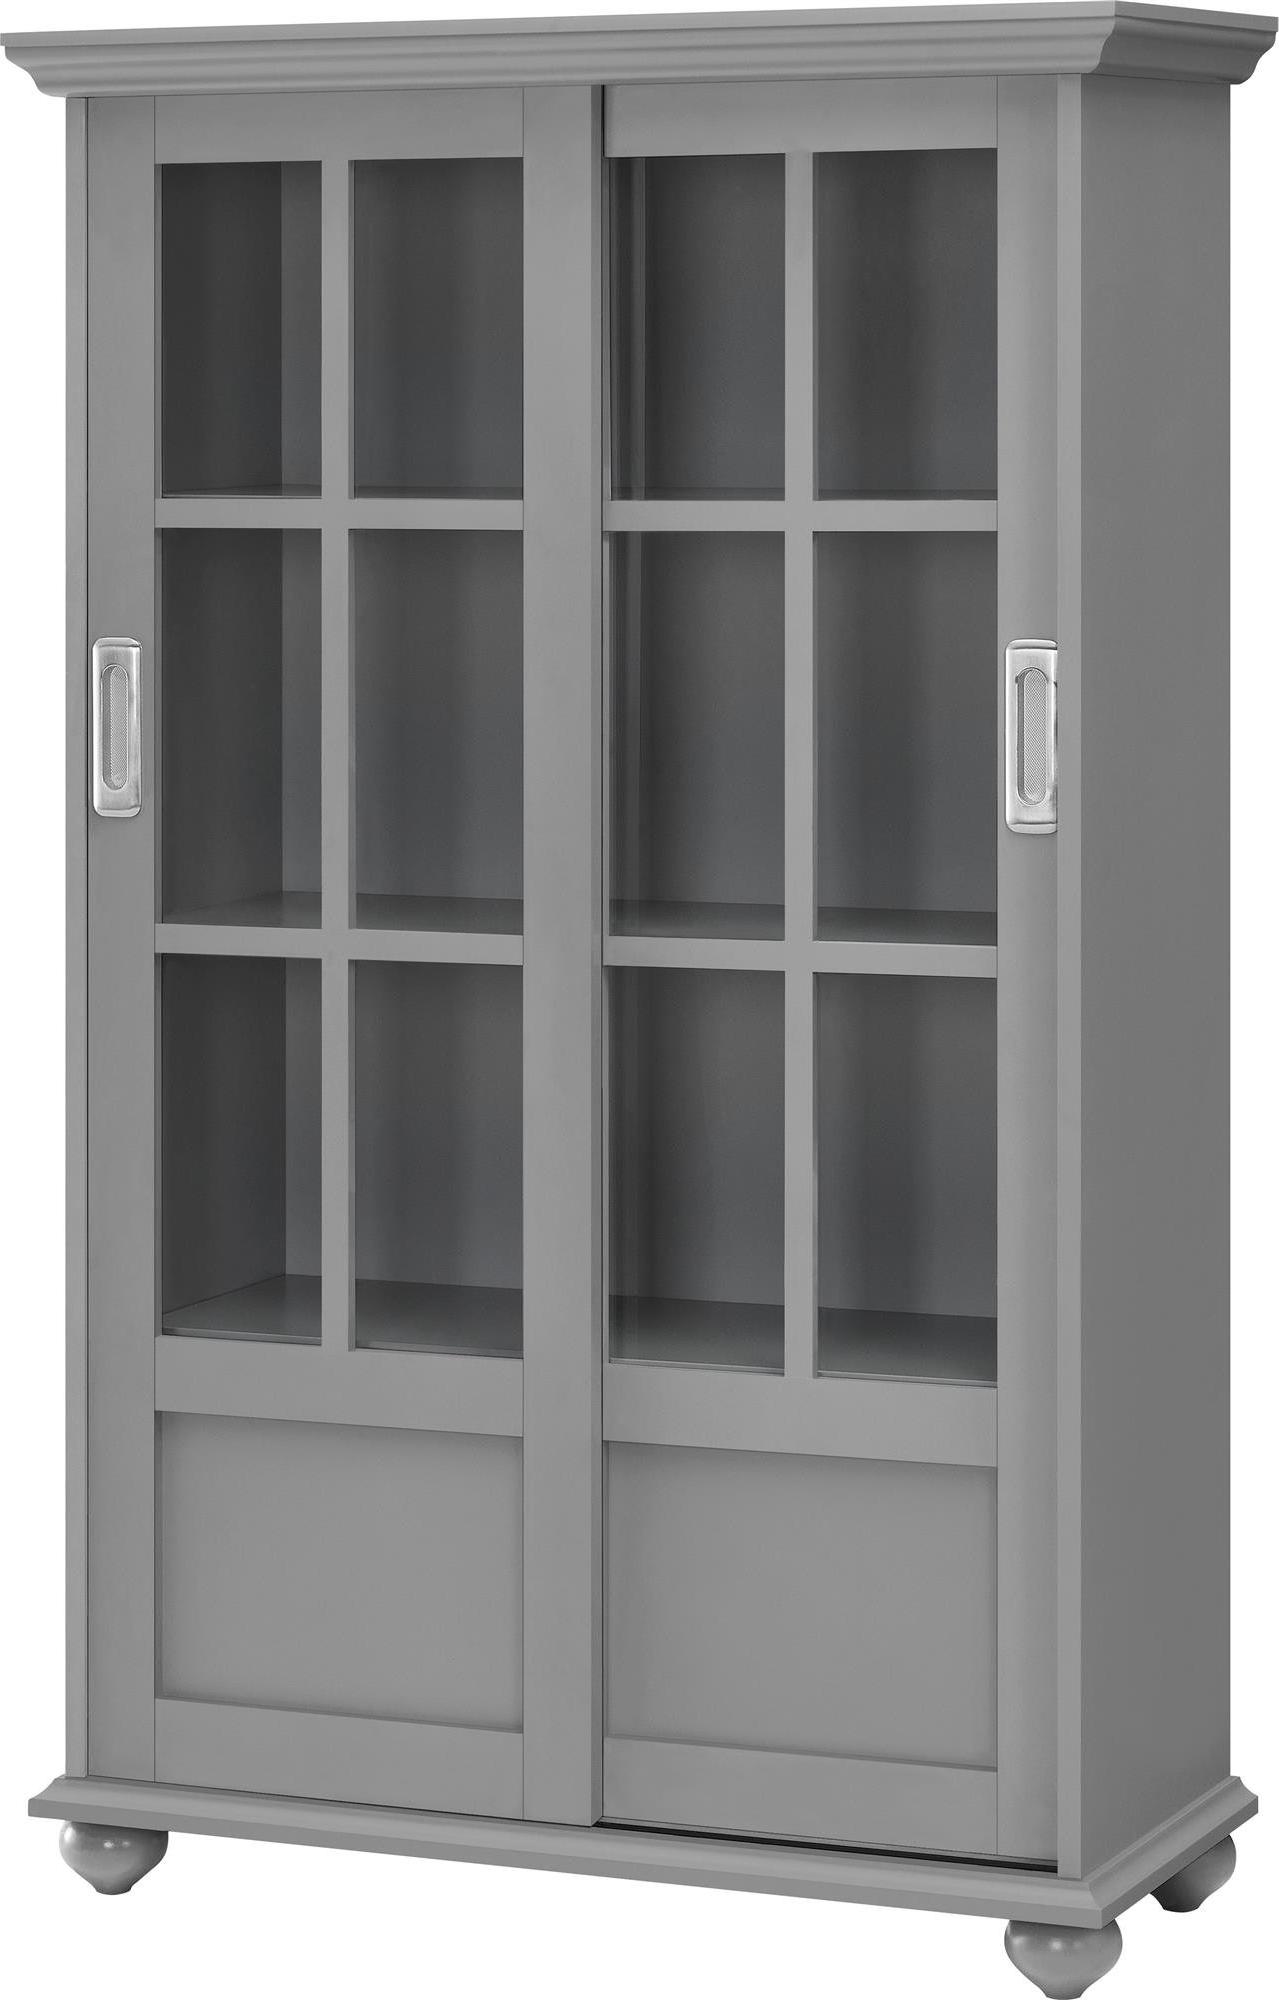 Charlton Home Cerrato Standard Bookcase Throughout Popular Cerrato Standard Bookcases (View 8 of 20)